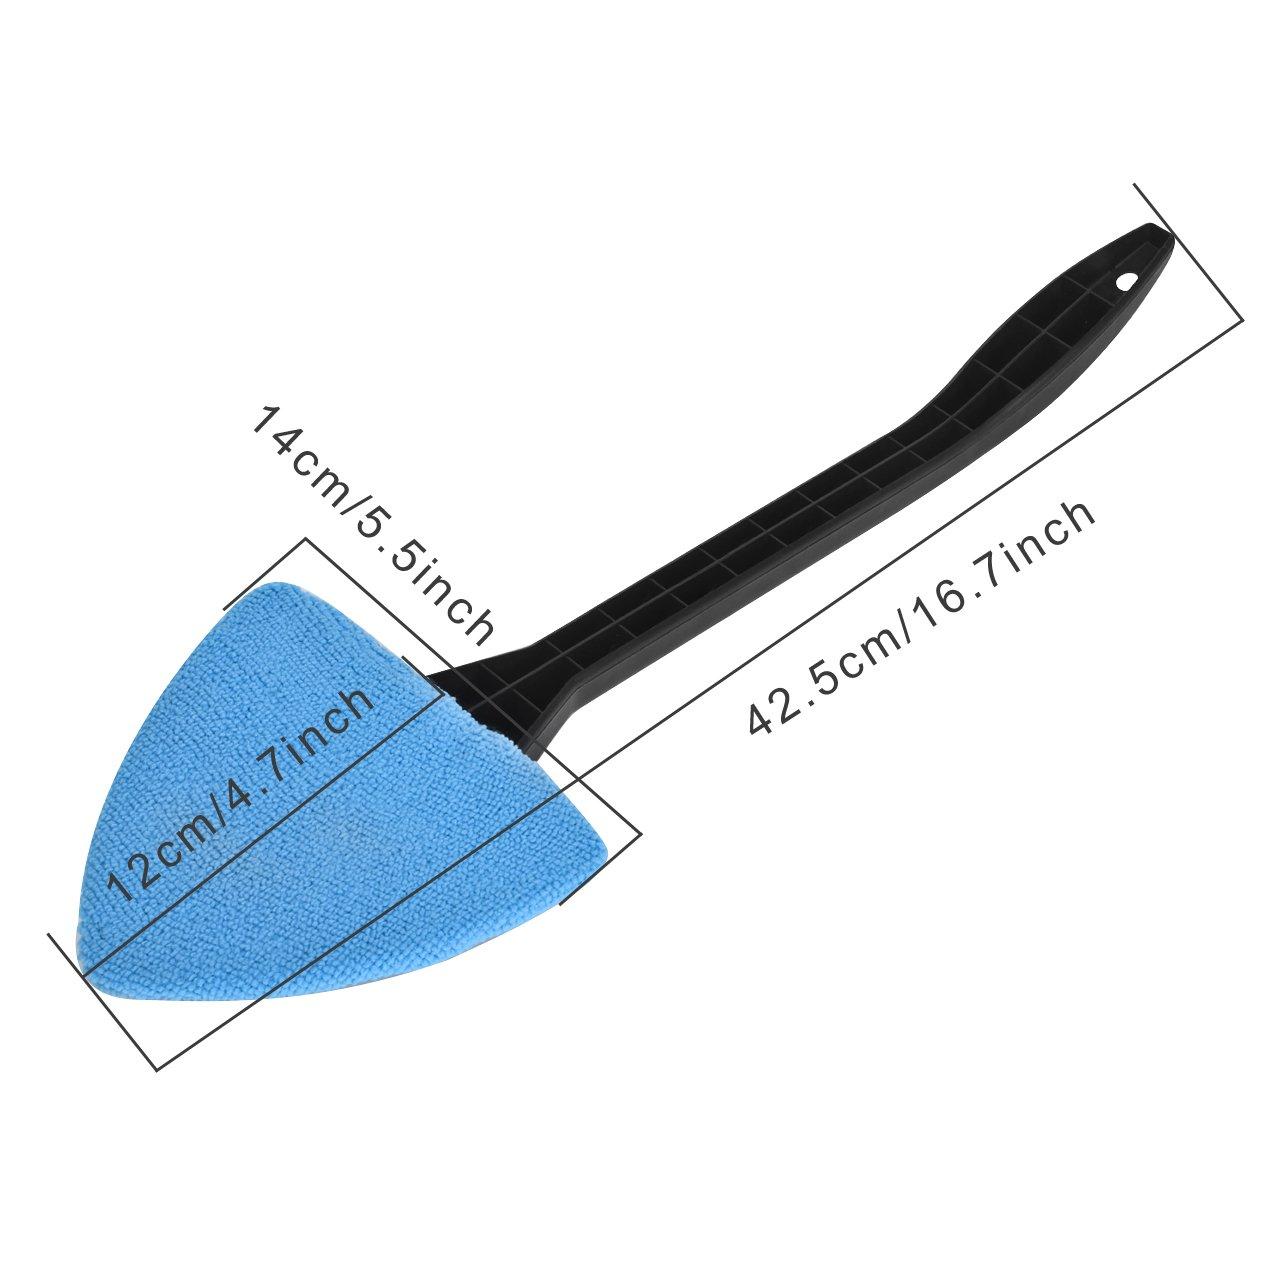 DEDC Nettoyage pour Pare-brise Kit de Nettoyant /à Long Manche pour Vitre de Voiture Lavage de Pare-brise Nettoyage de Fen/être